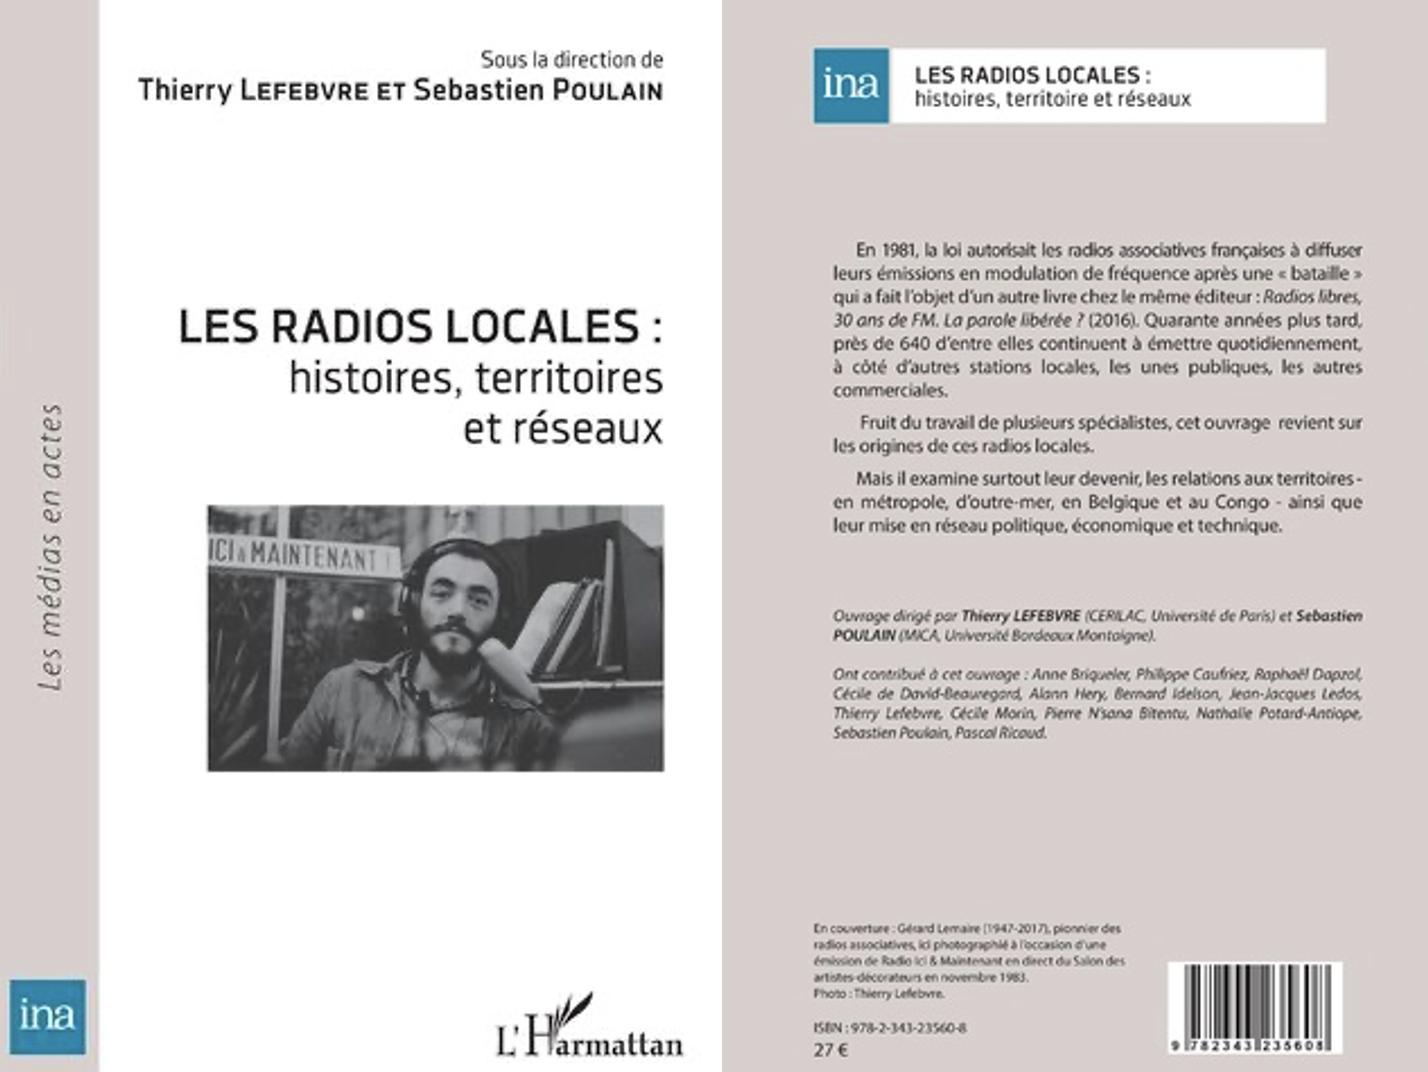 En couverture : Gérard Lemaire (1947-2017), pionnier des radios associatives, ici photographié à l'occasion d'une émission de Radio Ici & Maintenant en direct du Salon des artistes-décorateurs en novembre 1983. Photo : Thierry Lefebvre.